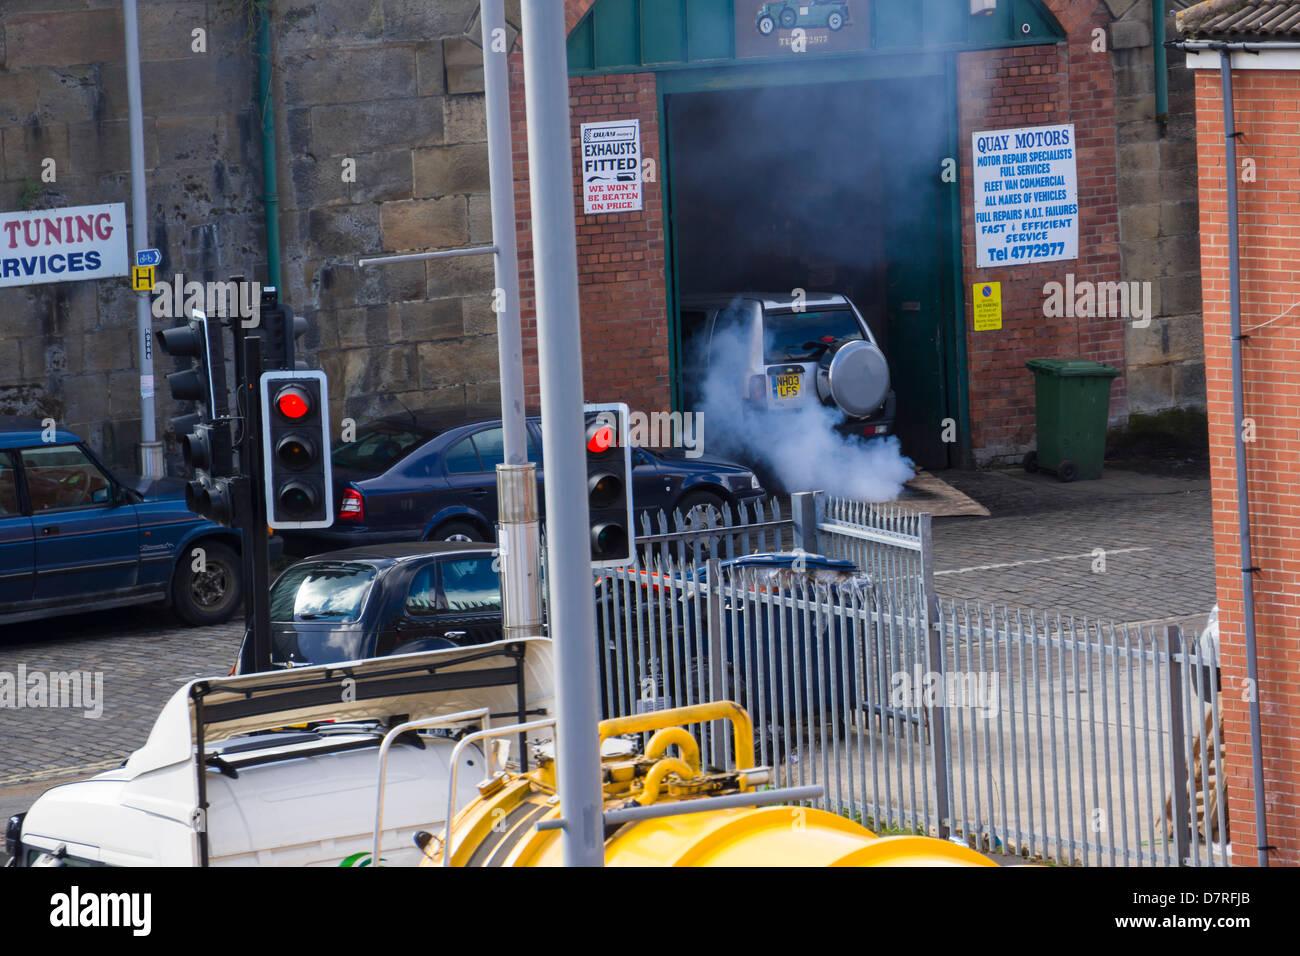 An old car emitting smoke at a garage. Stock Photo